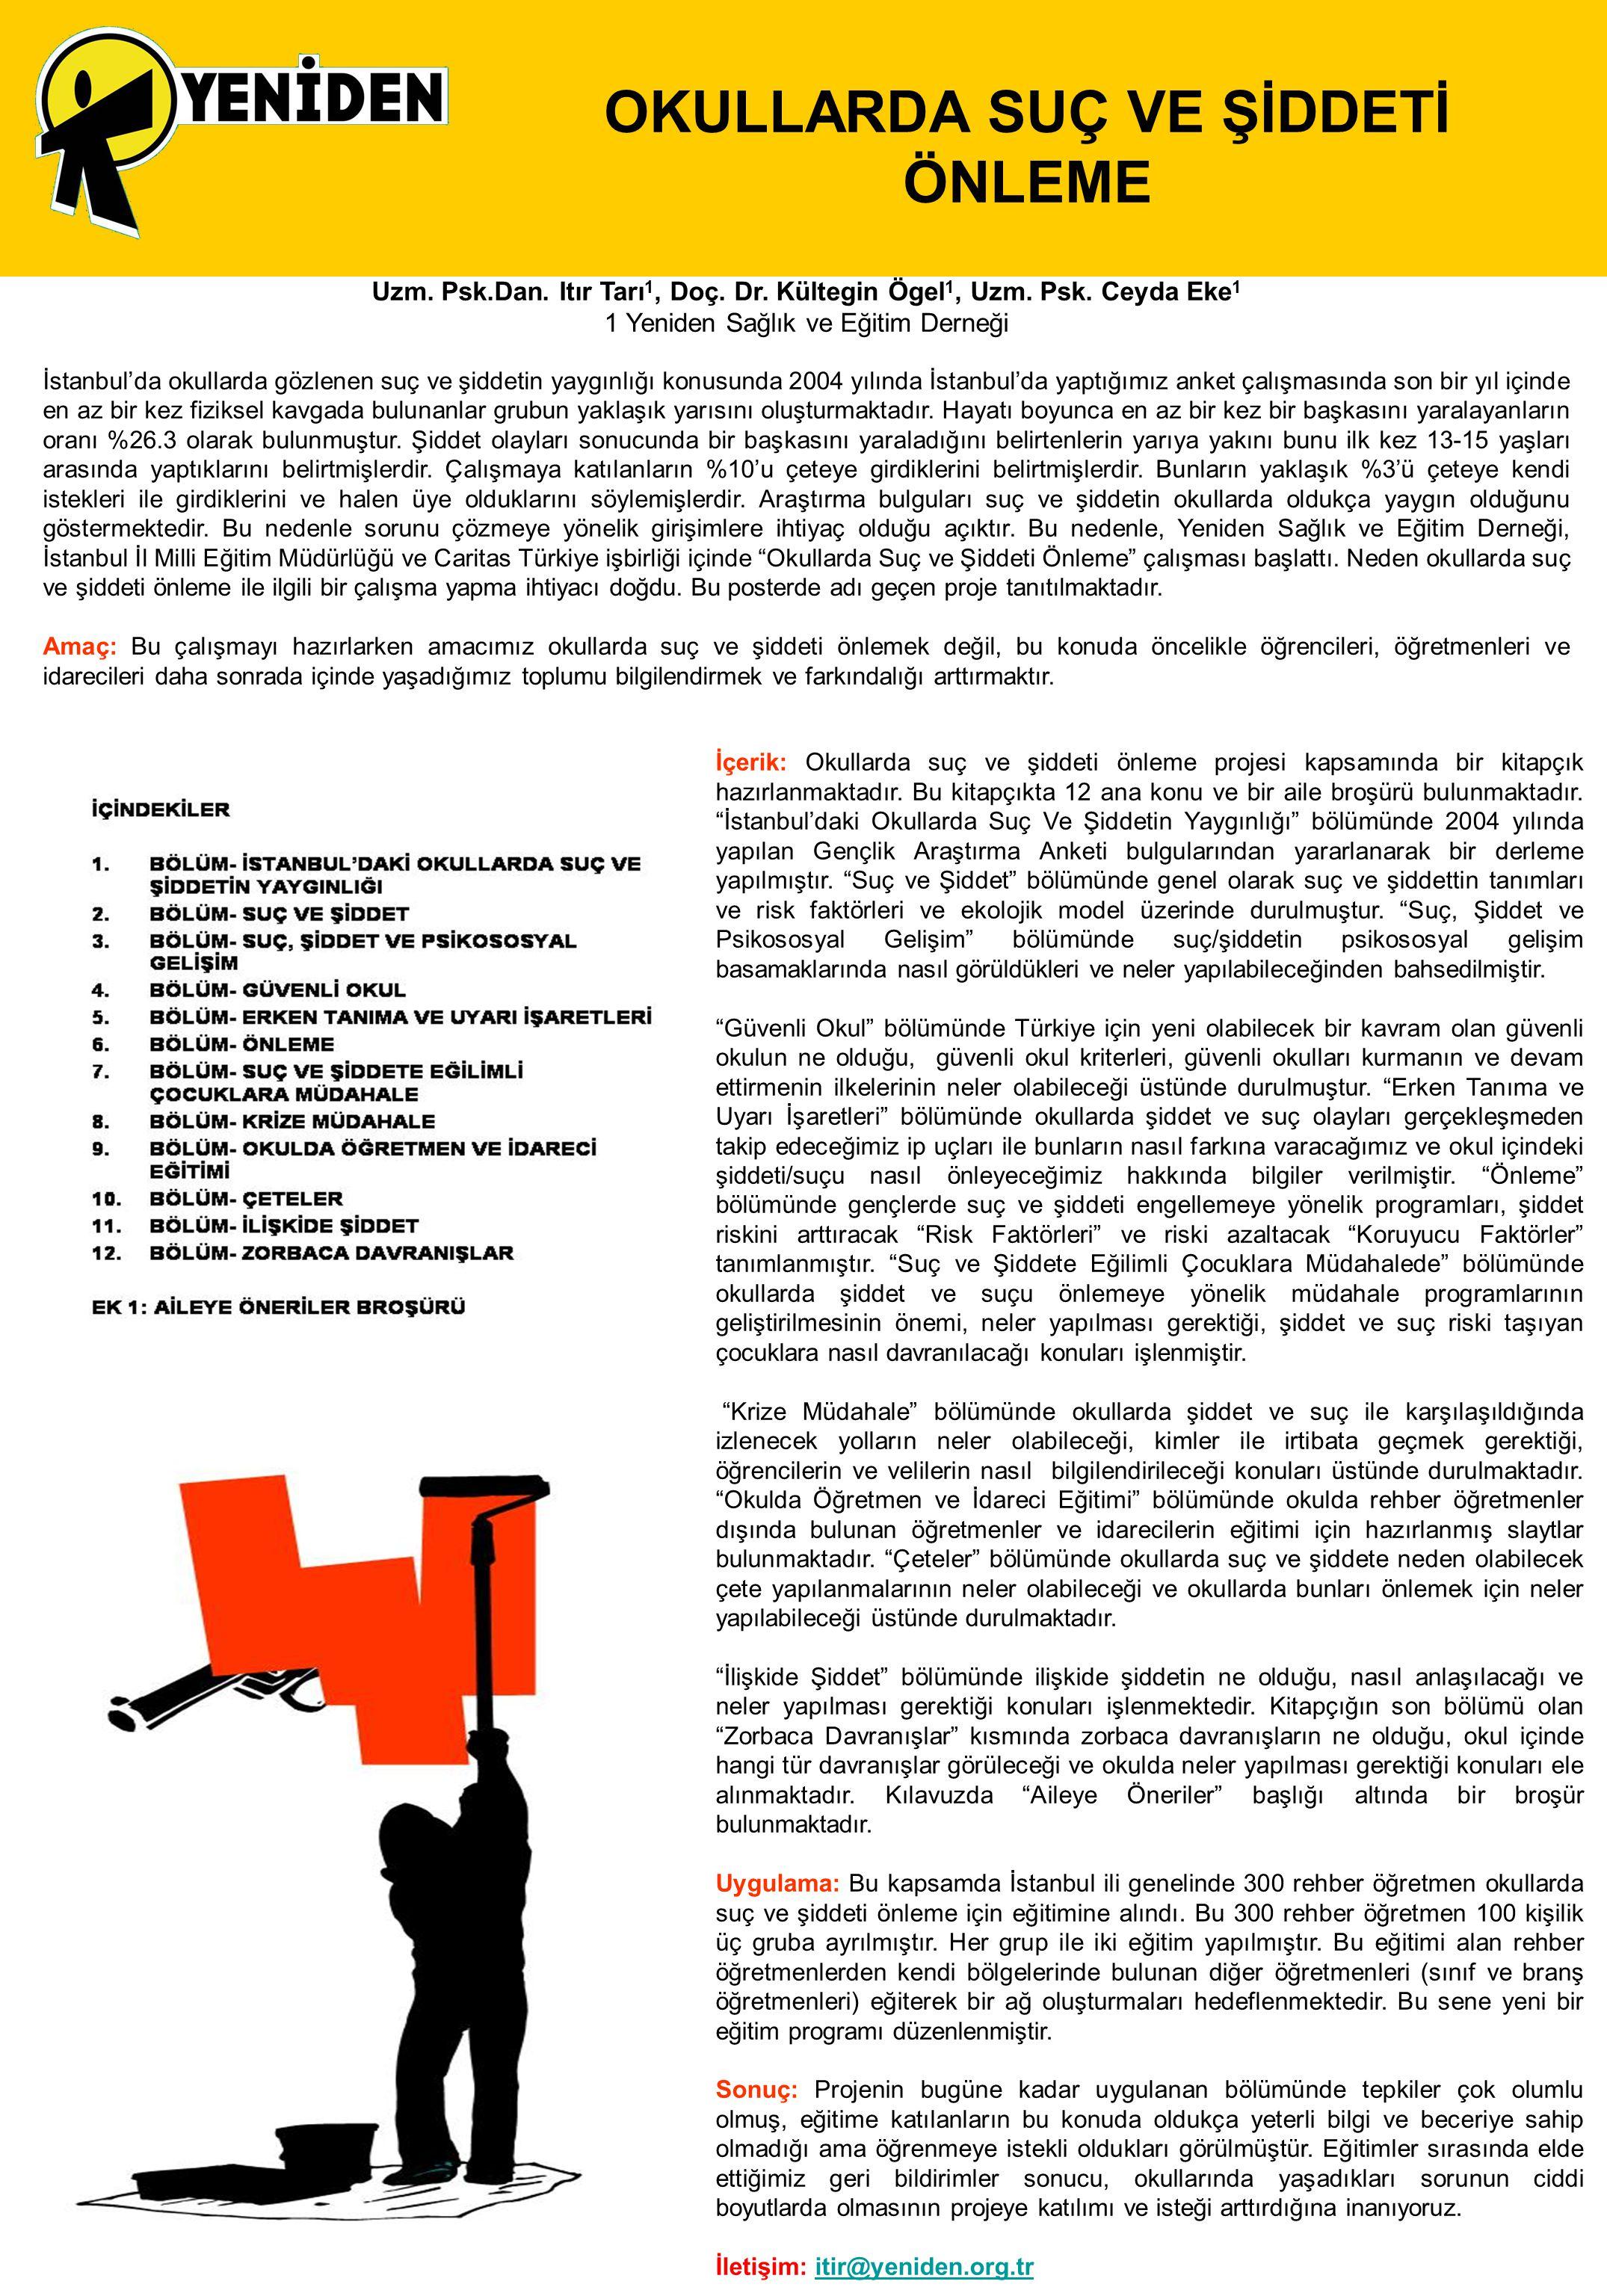 OKULLARDA SUÇ VE ŞİDDETİ ÖNLEME Uzm. Psk.Dan. Itır Tarı 1, Doç. Dr. Kültegin Ögel 1, Uzm. Psk. Ceyda Eke 1 1 Yeniden Sağlık ve Eğitim Derneği İstanbul